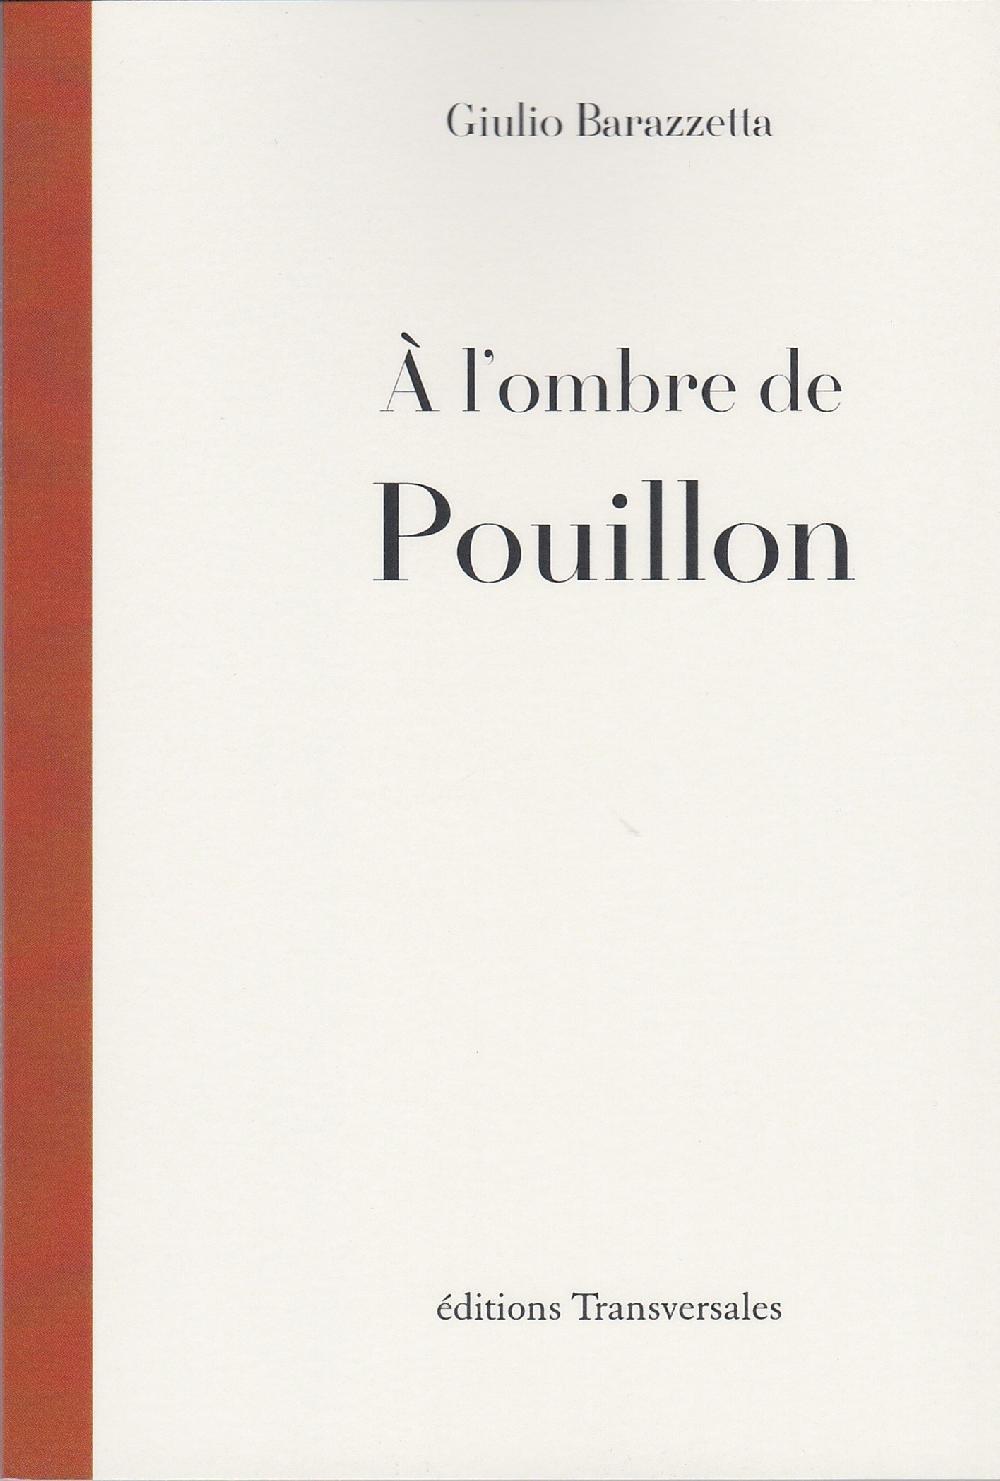 À l'ombre de Pouillon